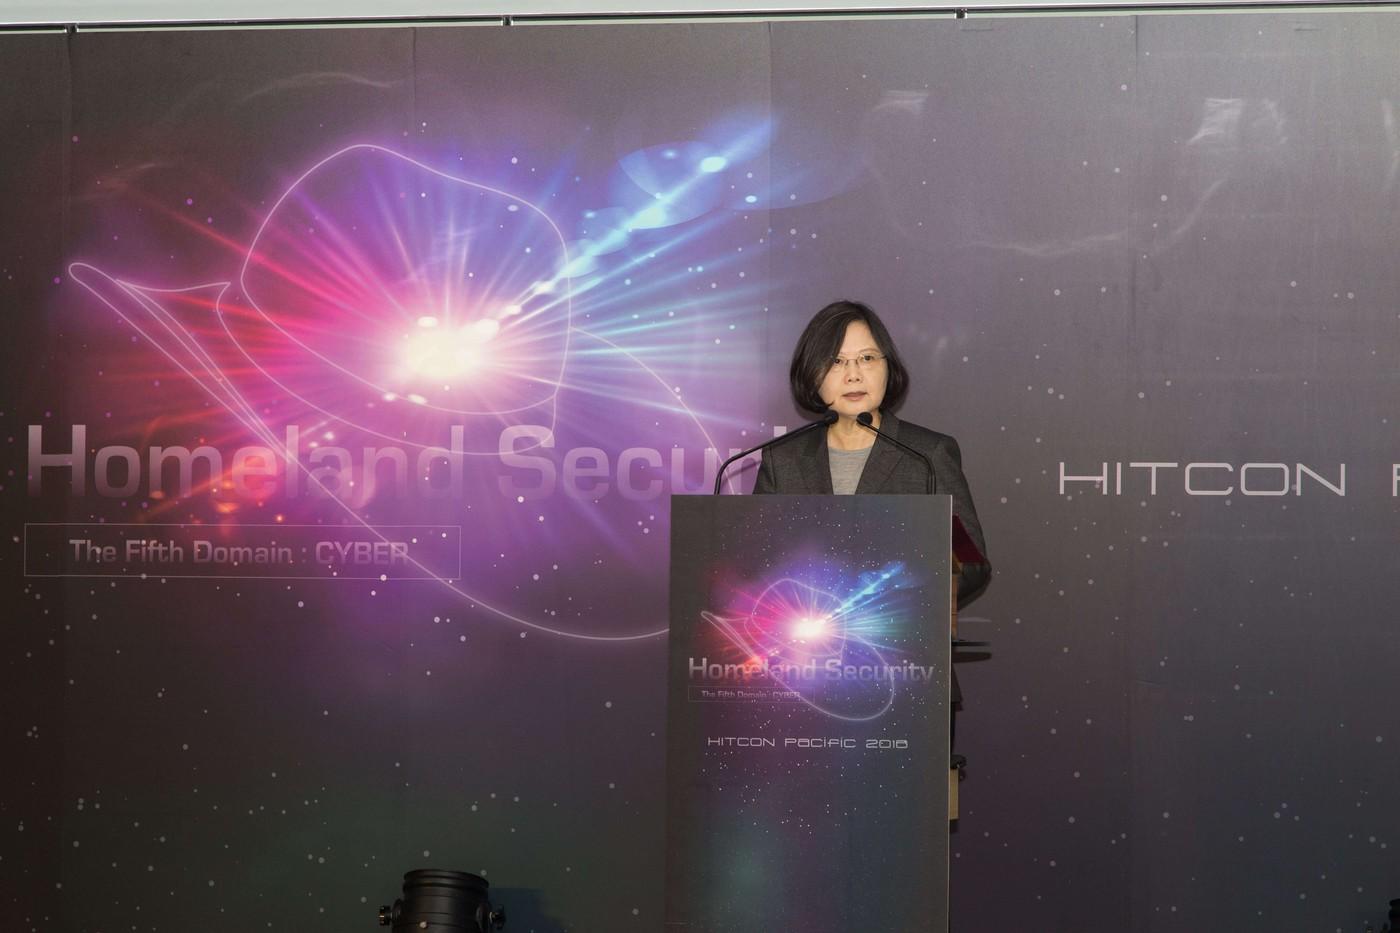 蔡英文:「資安即國安!」全球資安高手齊聚,台灣駭客年會HITCON 12年經營有成